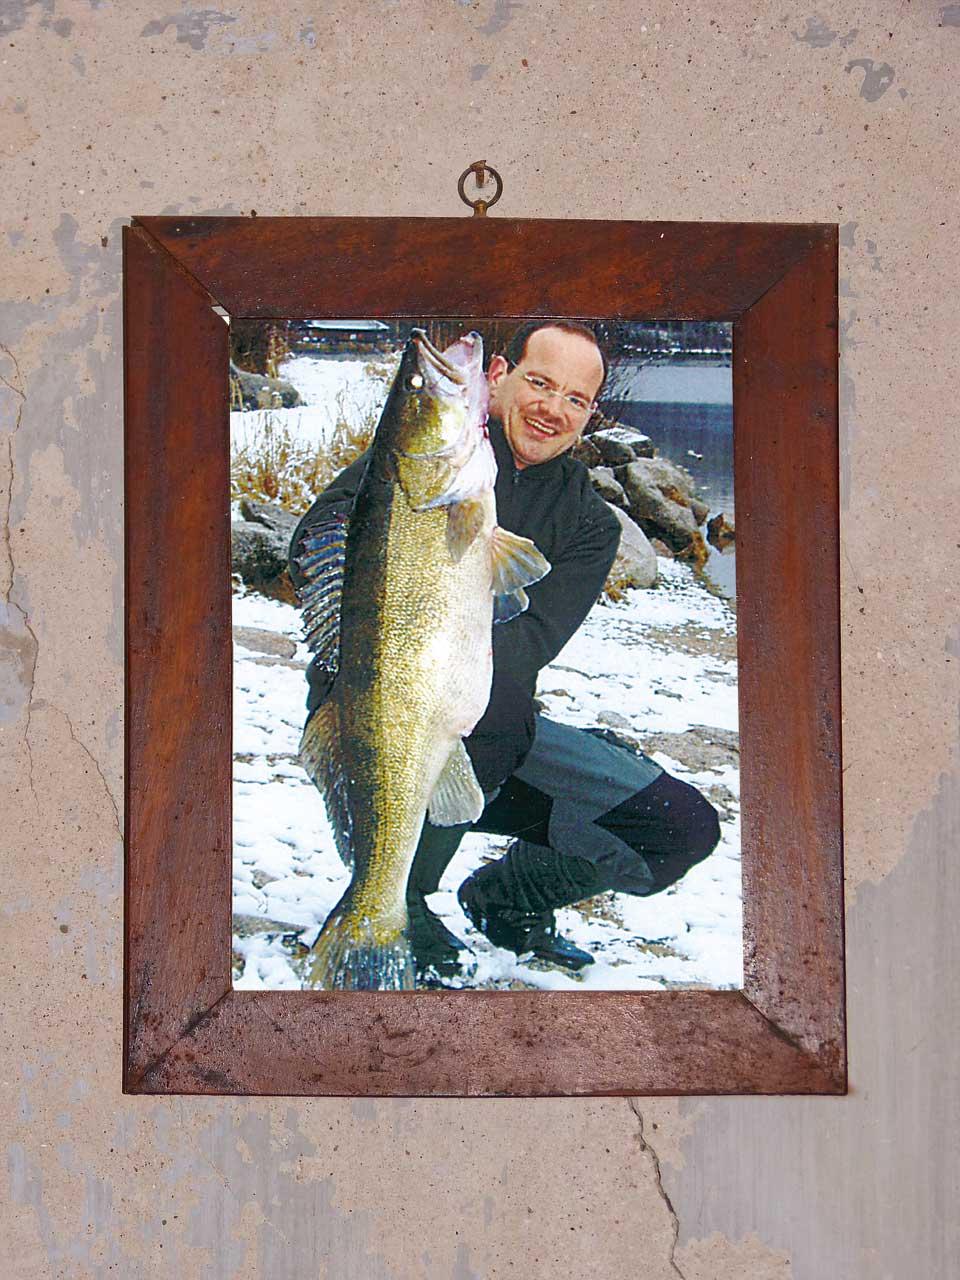 Der Märchen-Zander: Mit seinem Winter-Fisch von knapp 23 Pfund und 102 Zentimetern, gefangen auf Gummifisch, setzte Ralf Huber neue Maßstäbe.